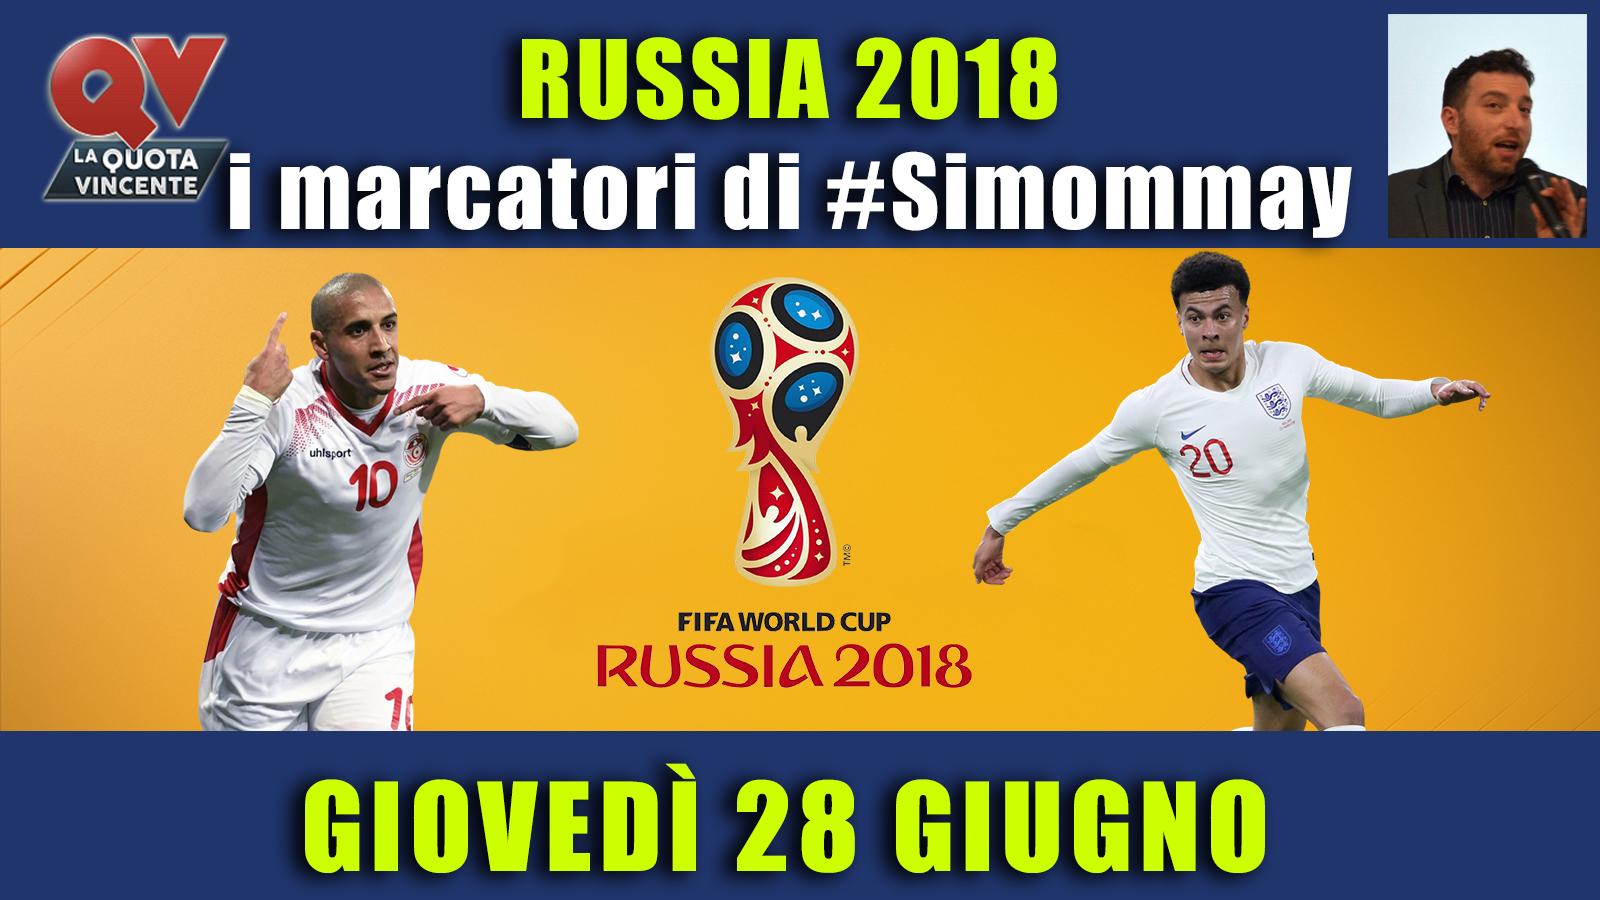 Pronostici marcatori Mondiali 28 giugno: i marcatori di #simommay